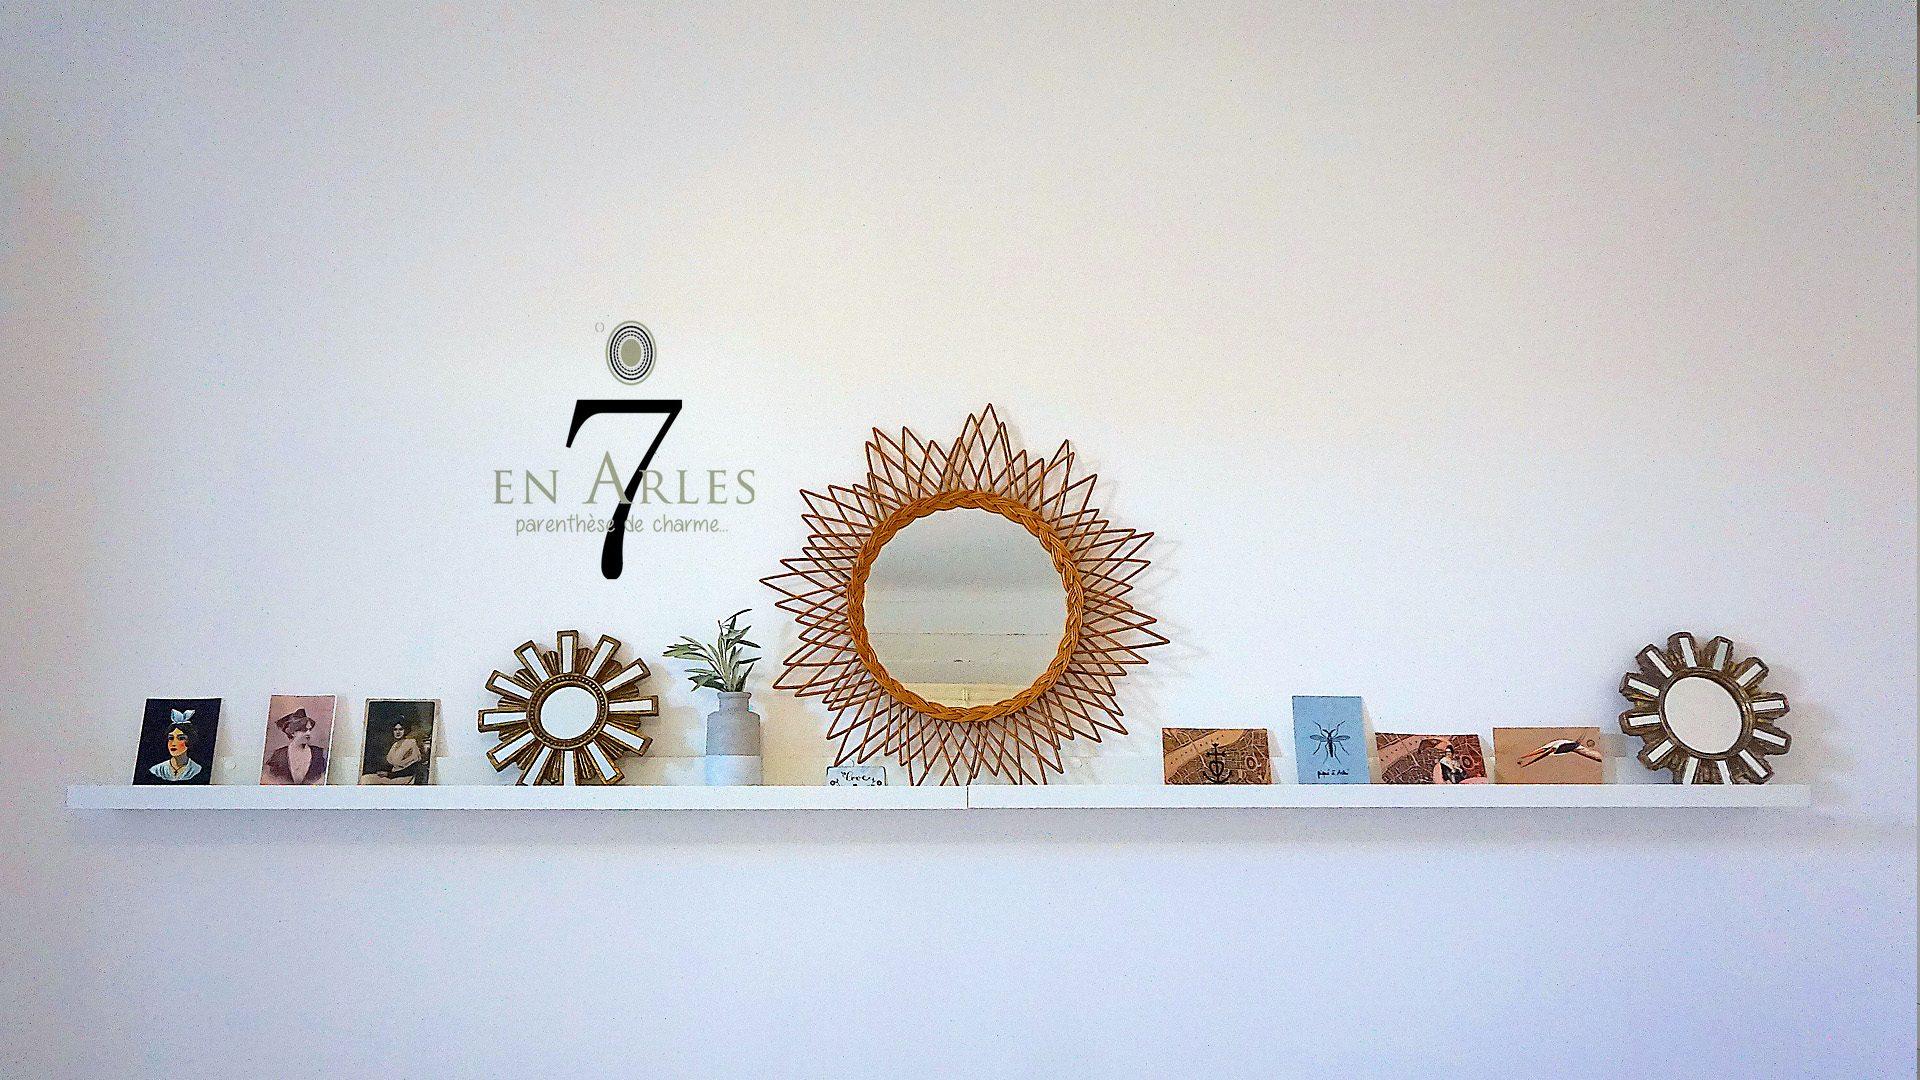 7 en Arles